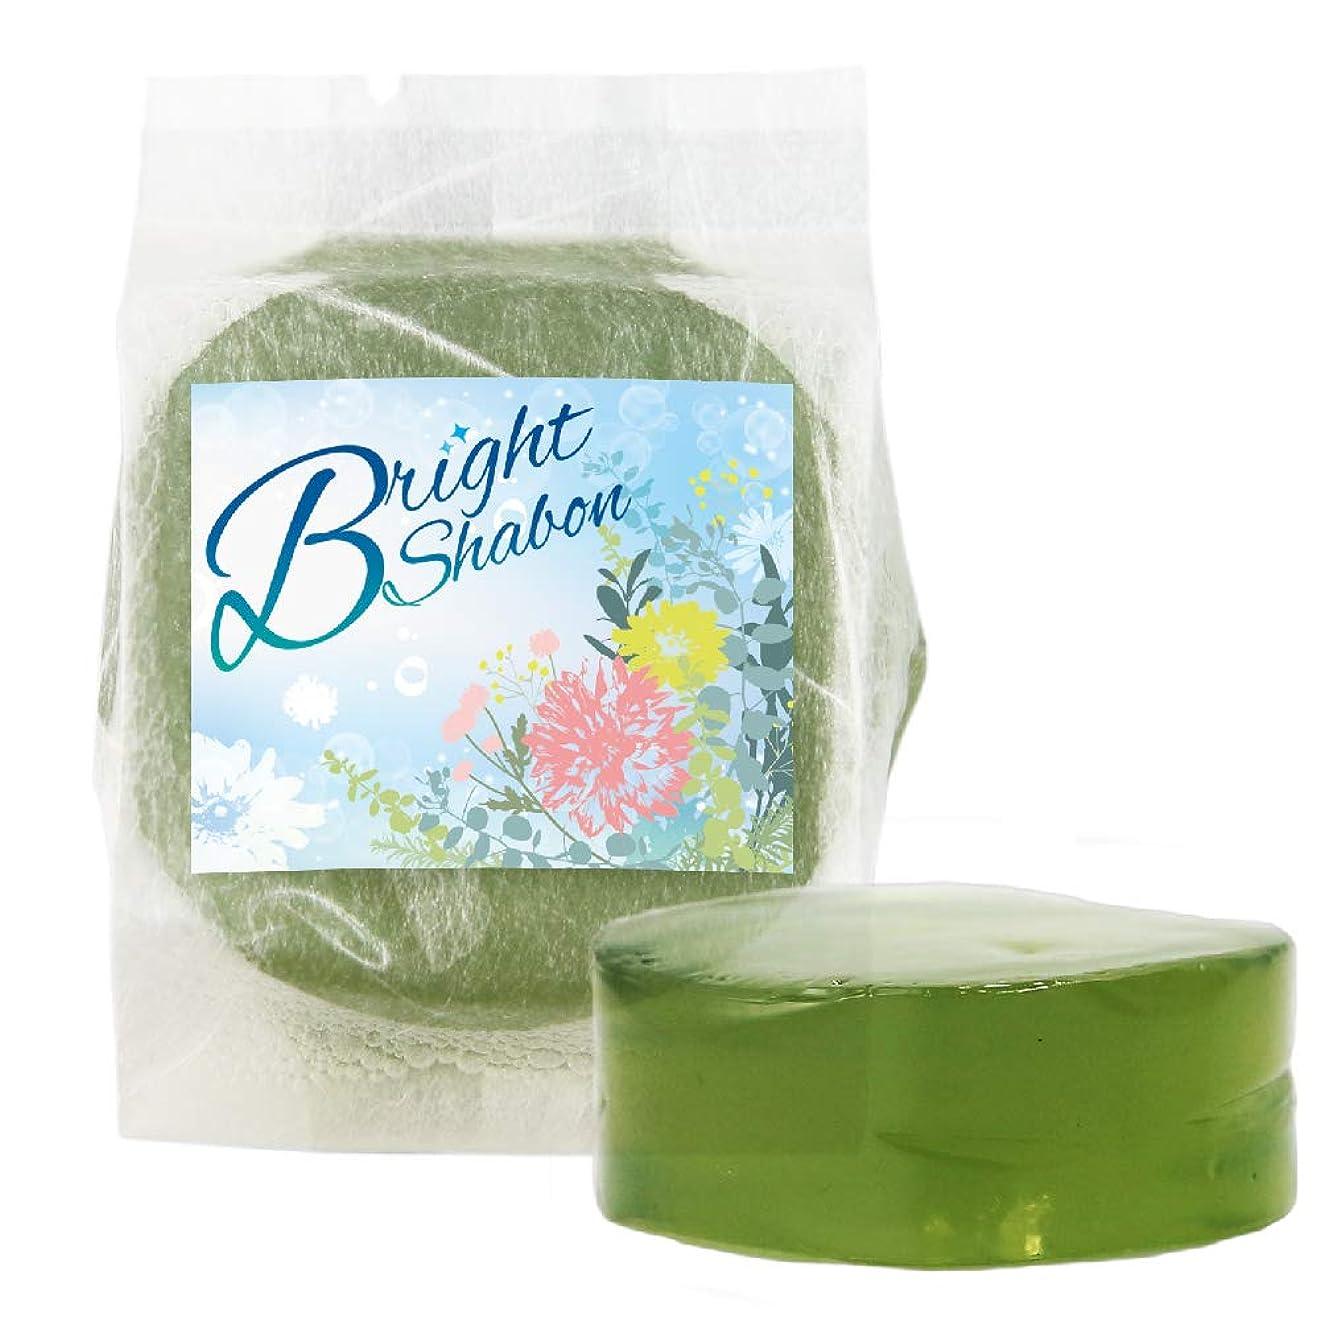 ぺディカブ厄介なクロニクルブライトシャボン Bright Shabon 洗顔料 ぷるぷる石鹸 石けん